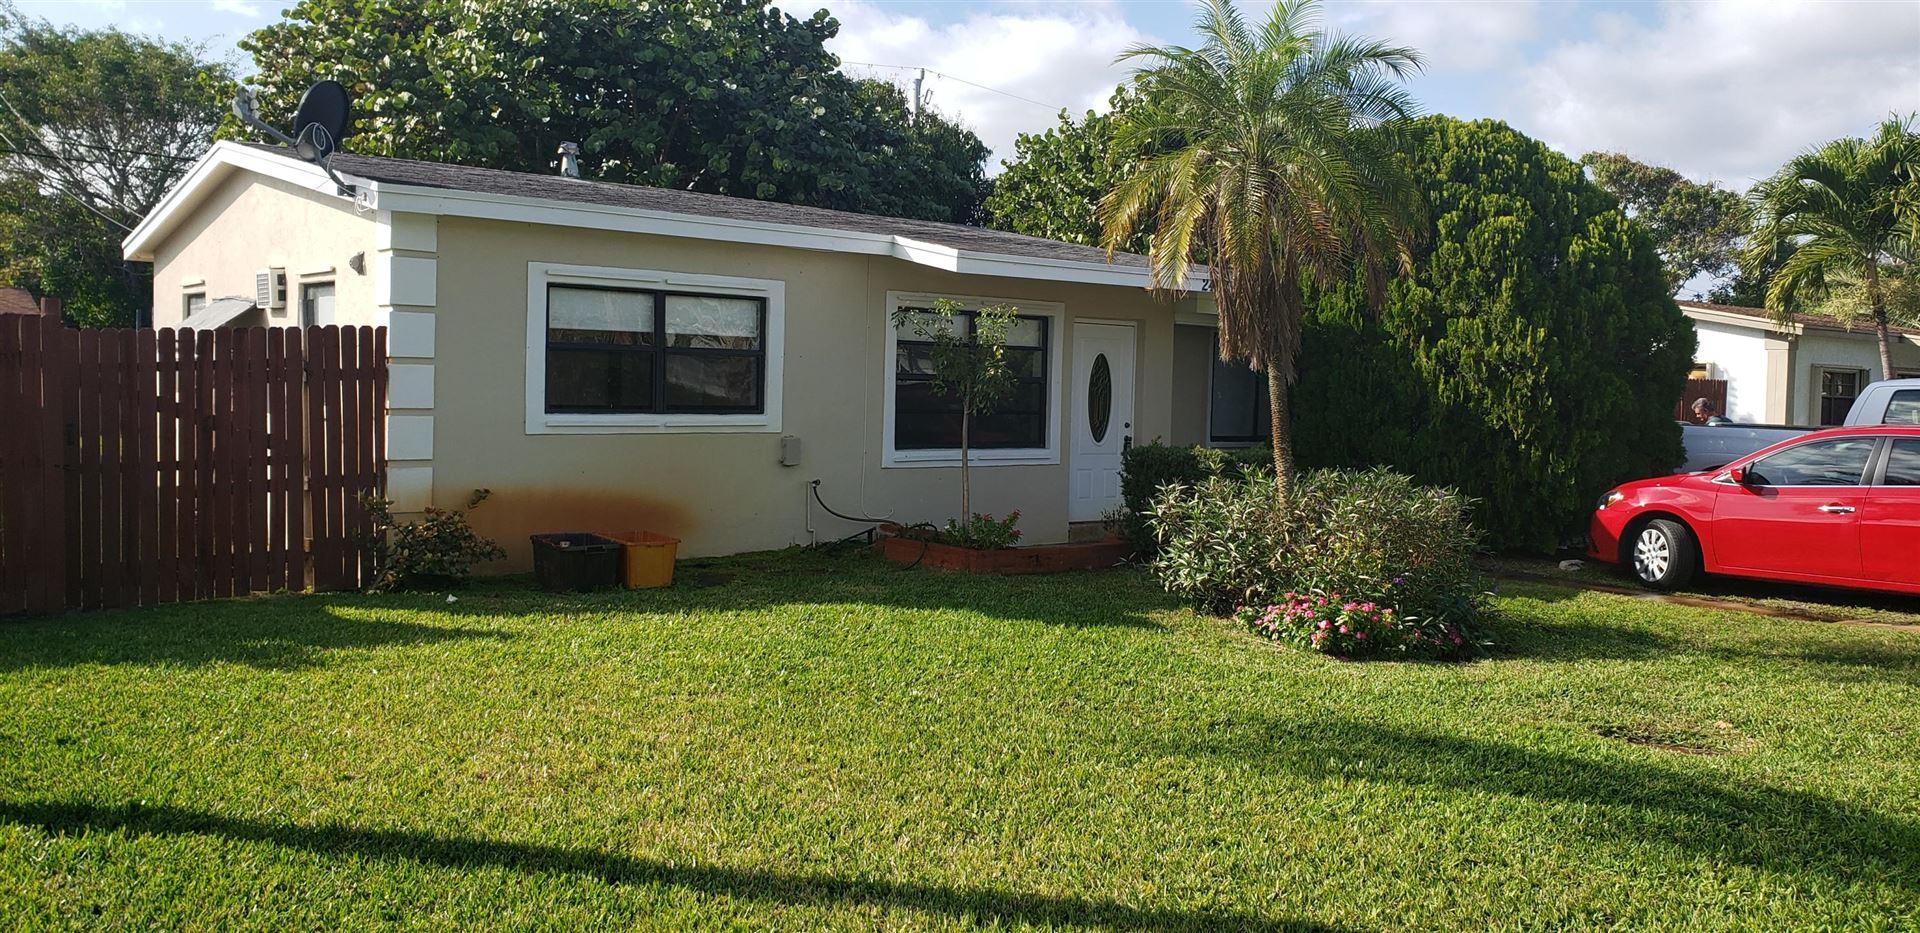 2407 NE 4th Court, Boynton Beach, FL 33435 - #: RX-10598878